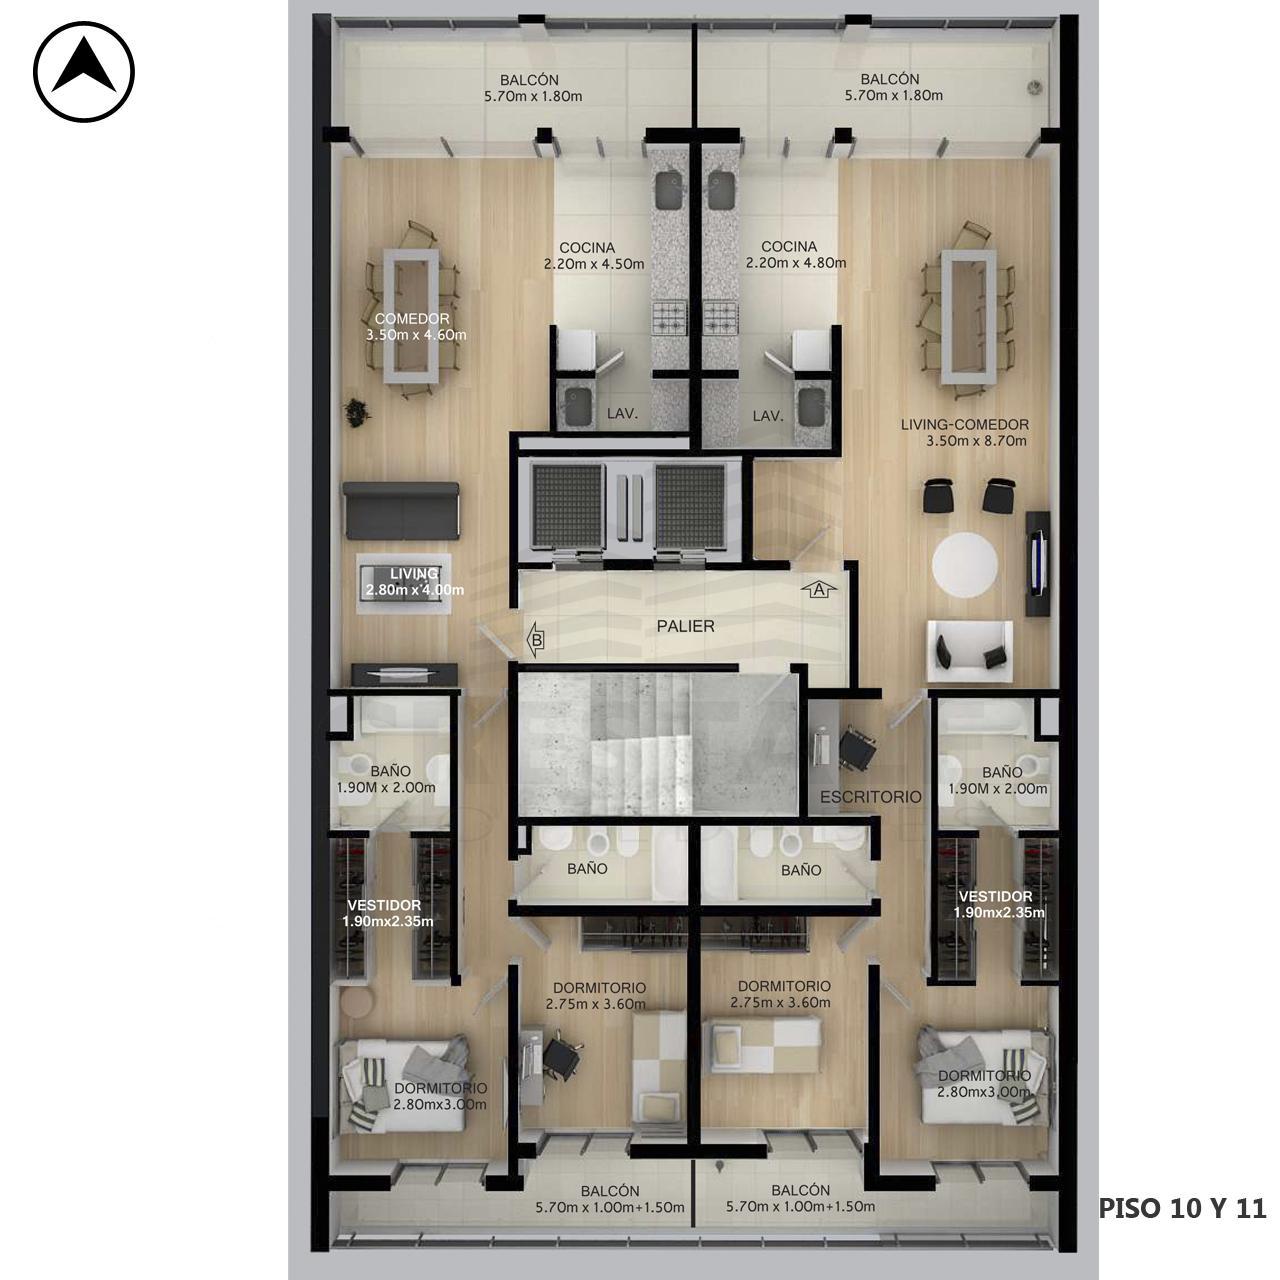 Venta departamento 1 dormitorio Rosario, Centro. Cod CBU10998 AP2310779. Crestale Propiedades